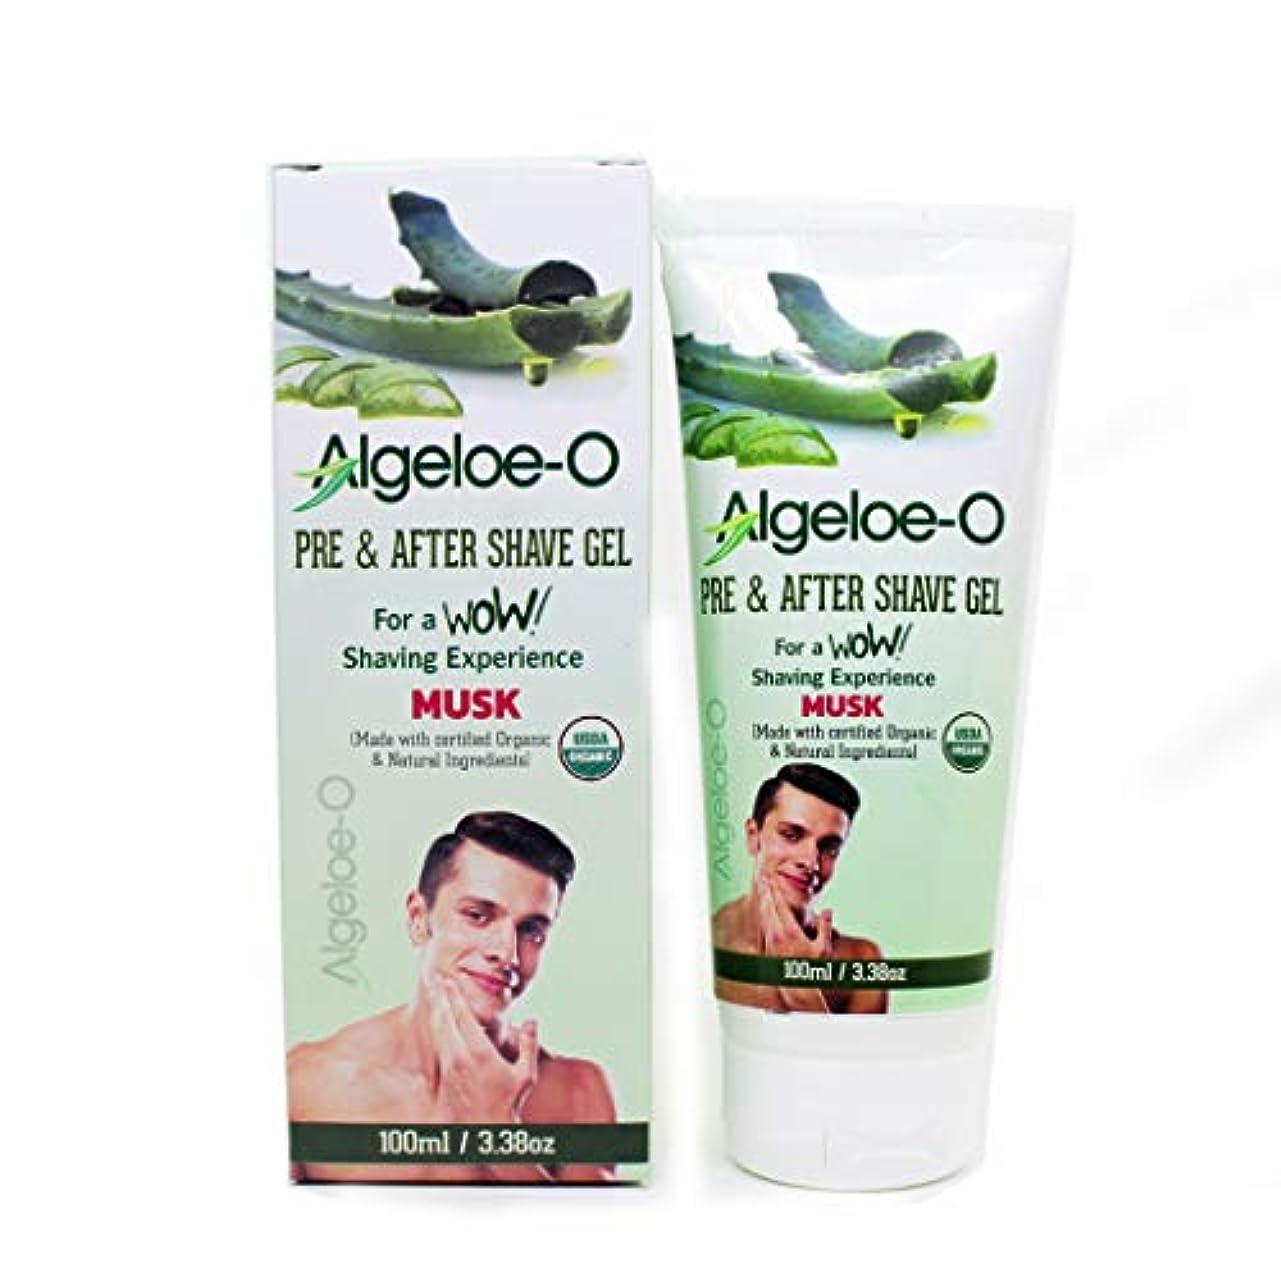 精巧な黒板学習Aloevera Pre And After Shave Gel - Algeloe O Made With Certified USDA Organic And Natural Ingredients - Musk 100...